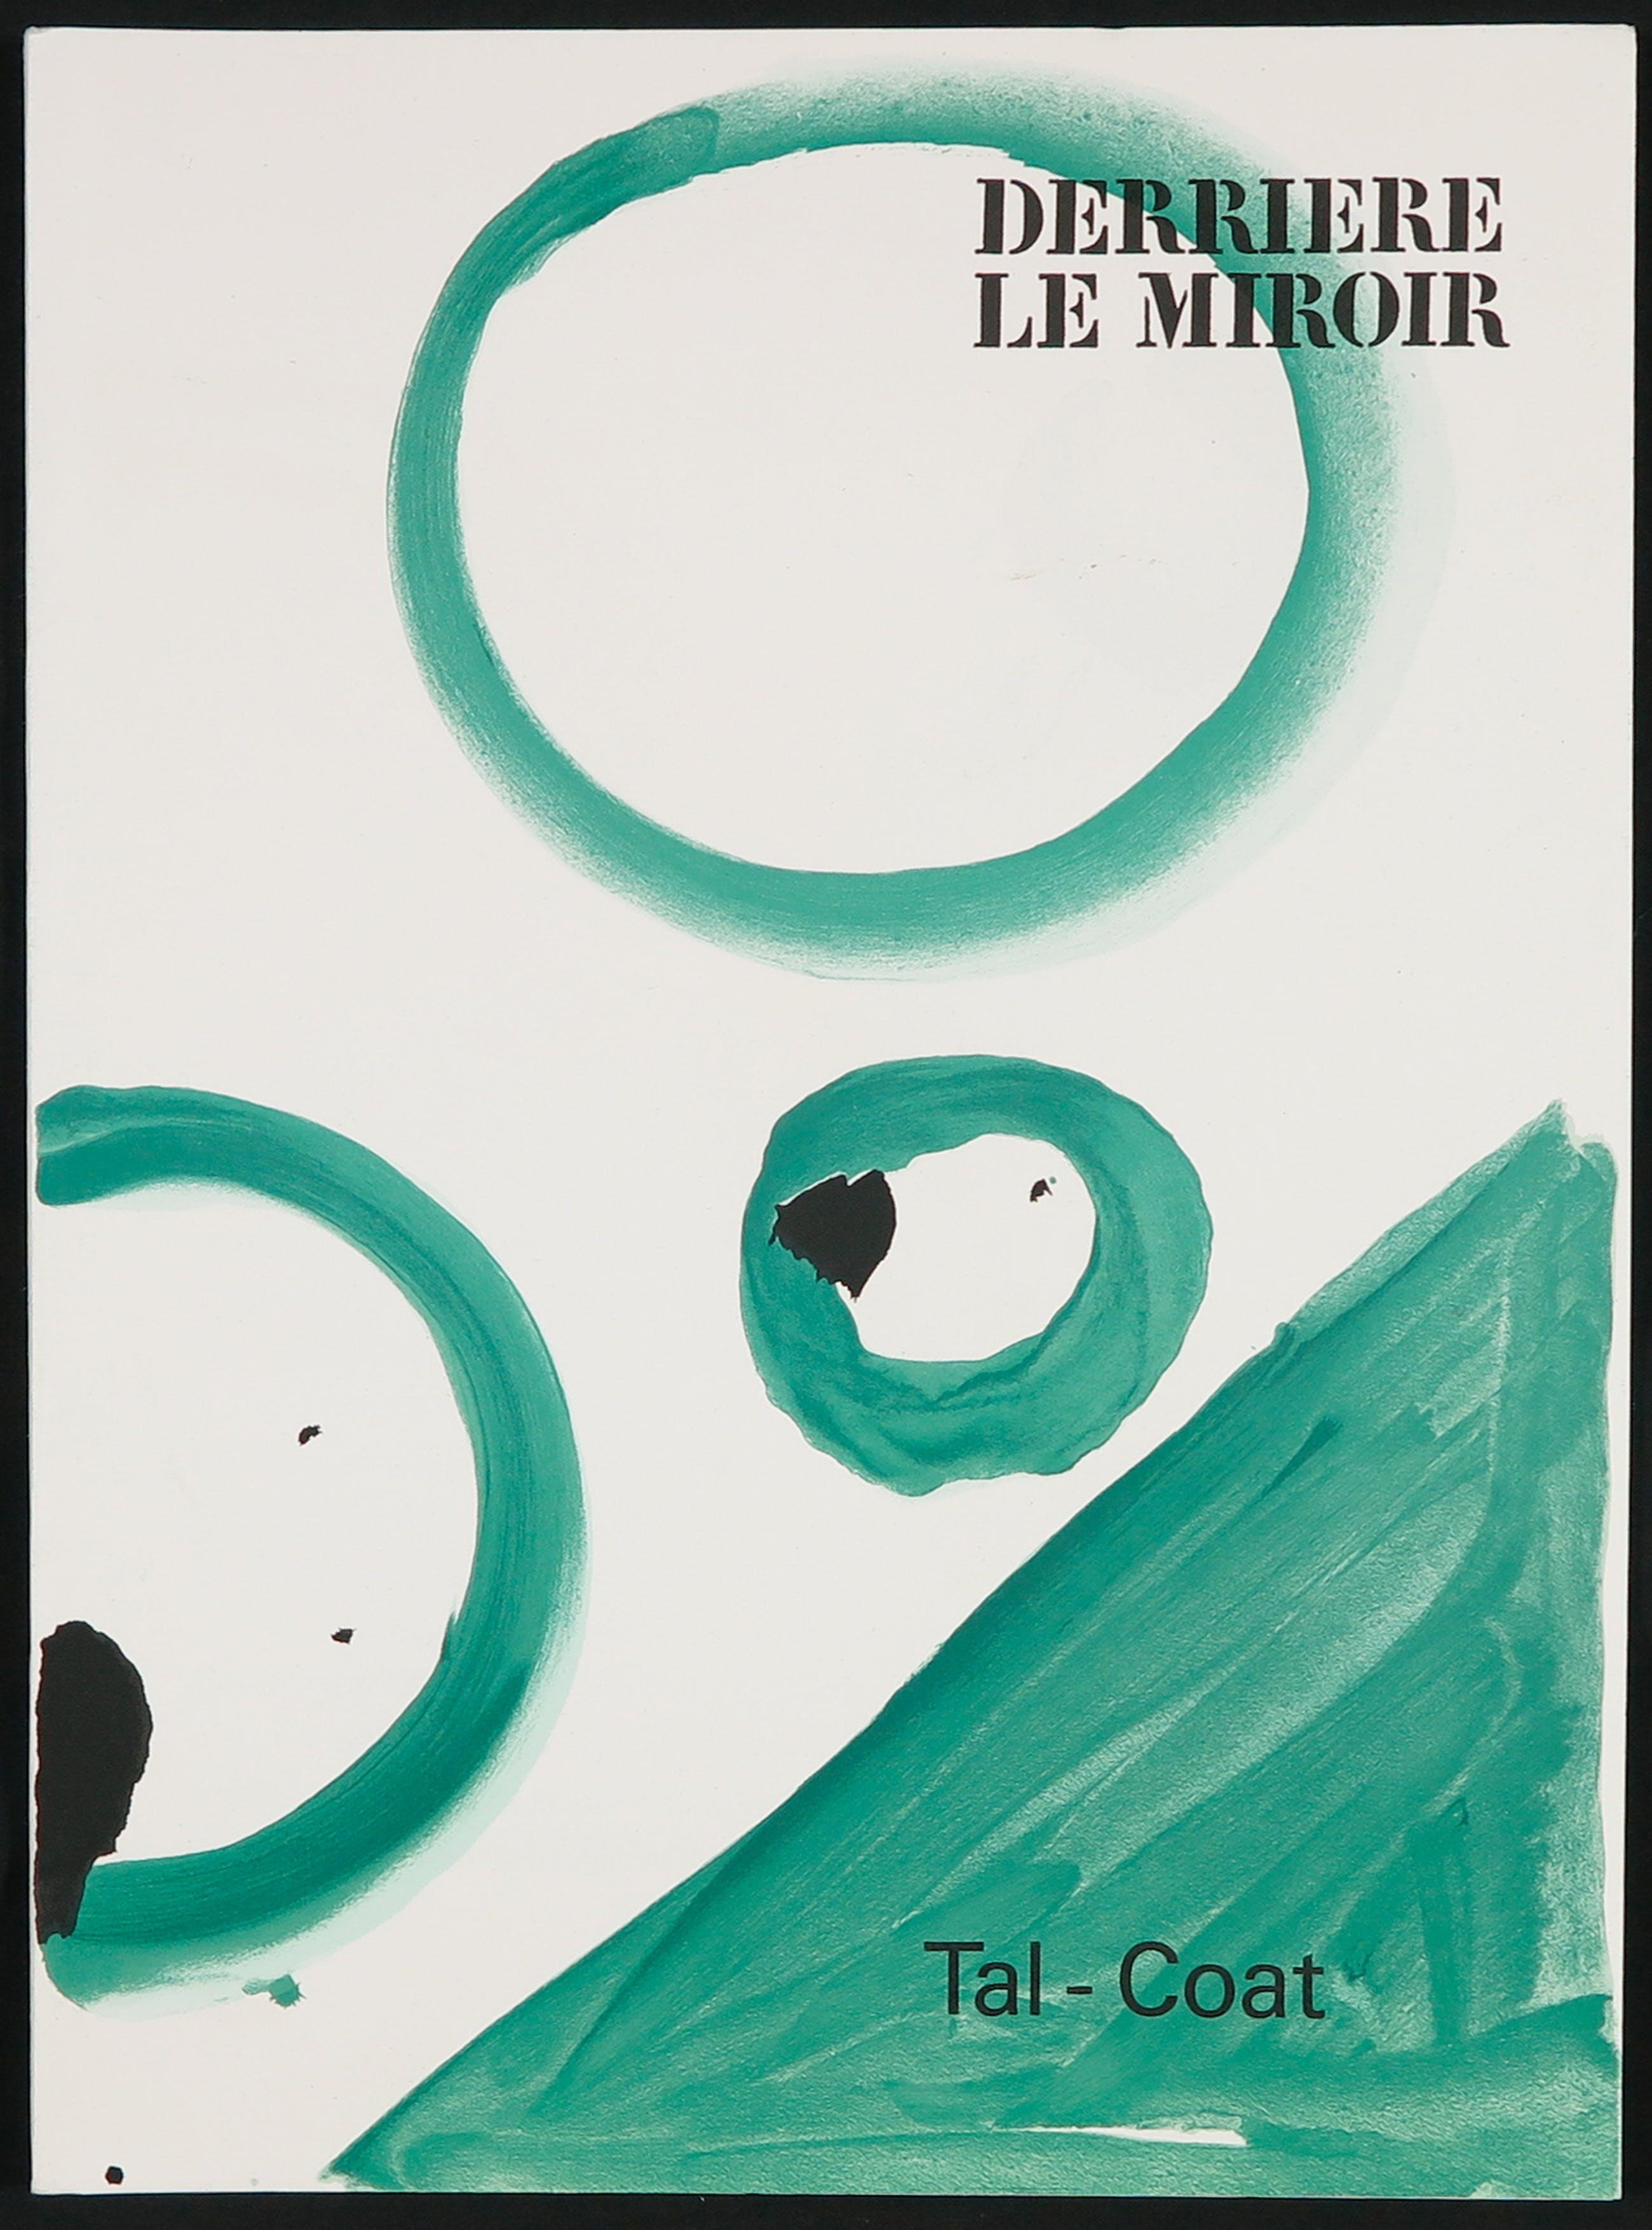 Pierre Tal-Coat - Uitgave Derrière le miroir met originele litho's, no. 153 (1965) kopen? Bied vanaf 20!